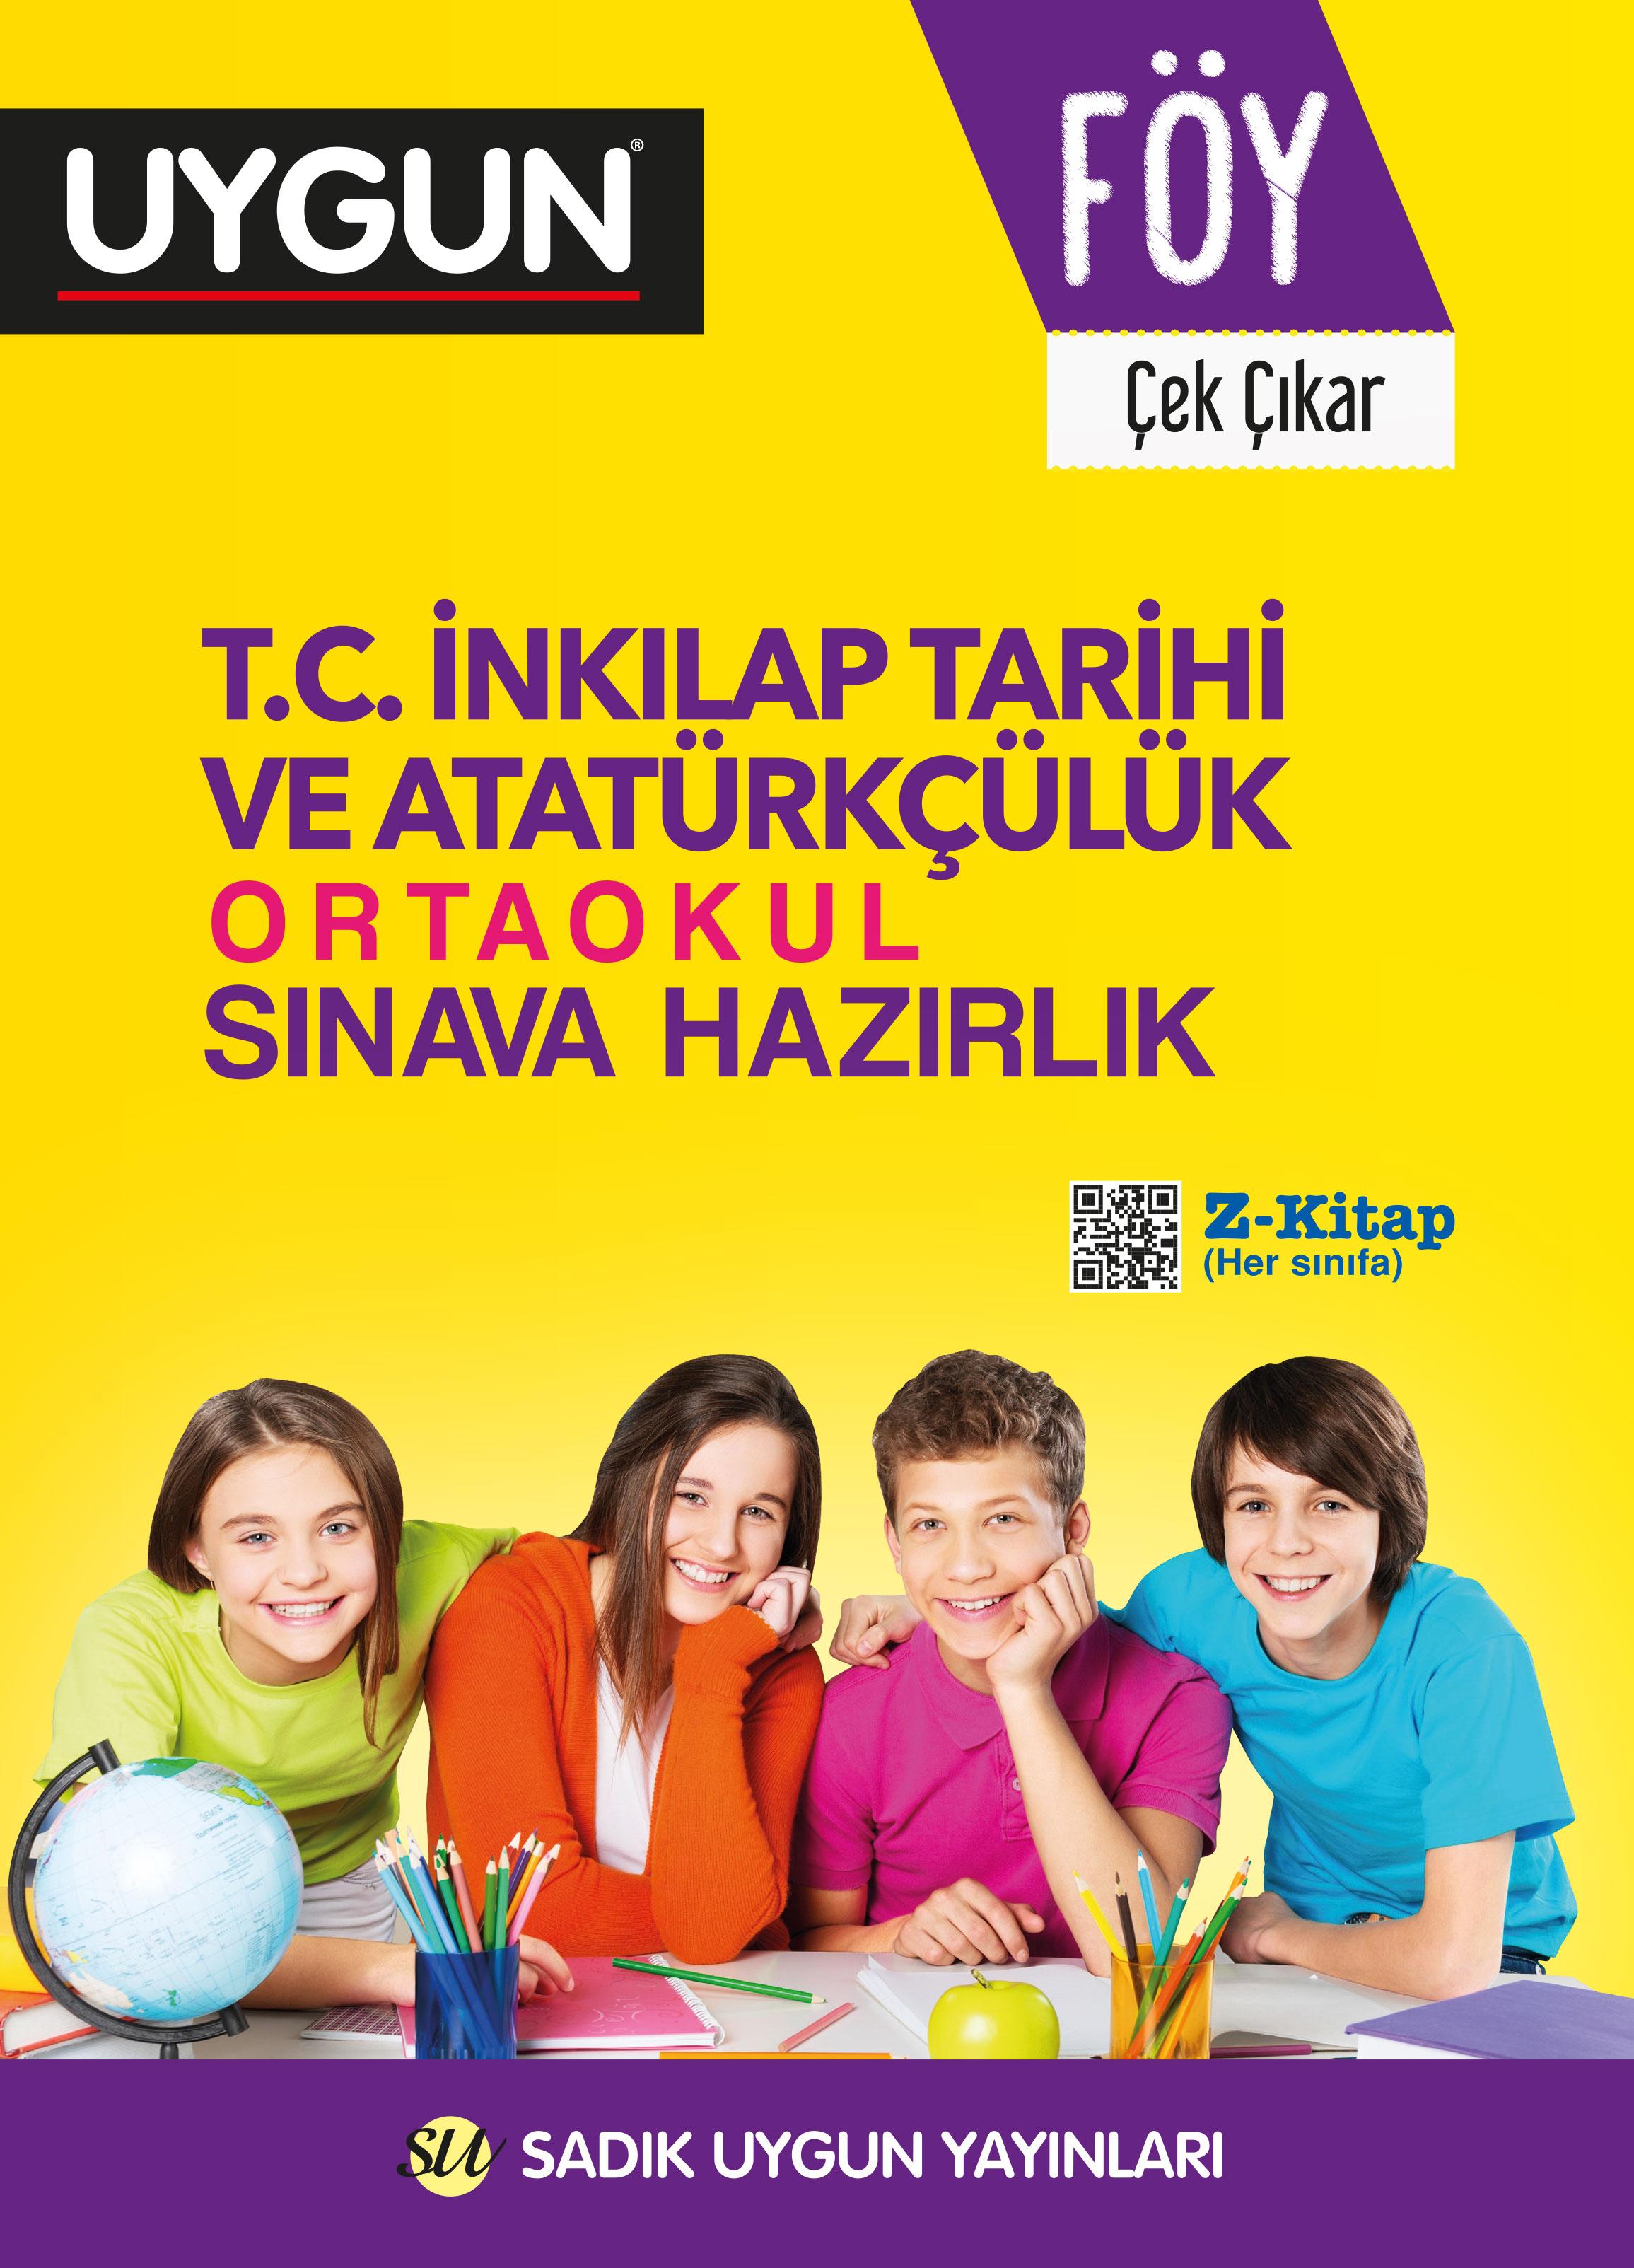 UYGUN – FÖY – Ortaokul Sınava Hazırlık – İnkılâp Tarihi ve Atatürkçülük 8. Sınıf